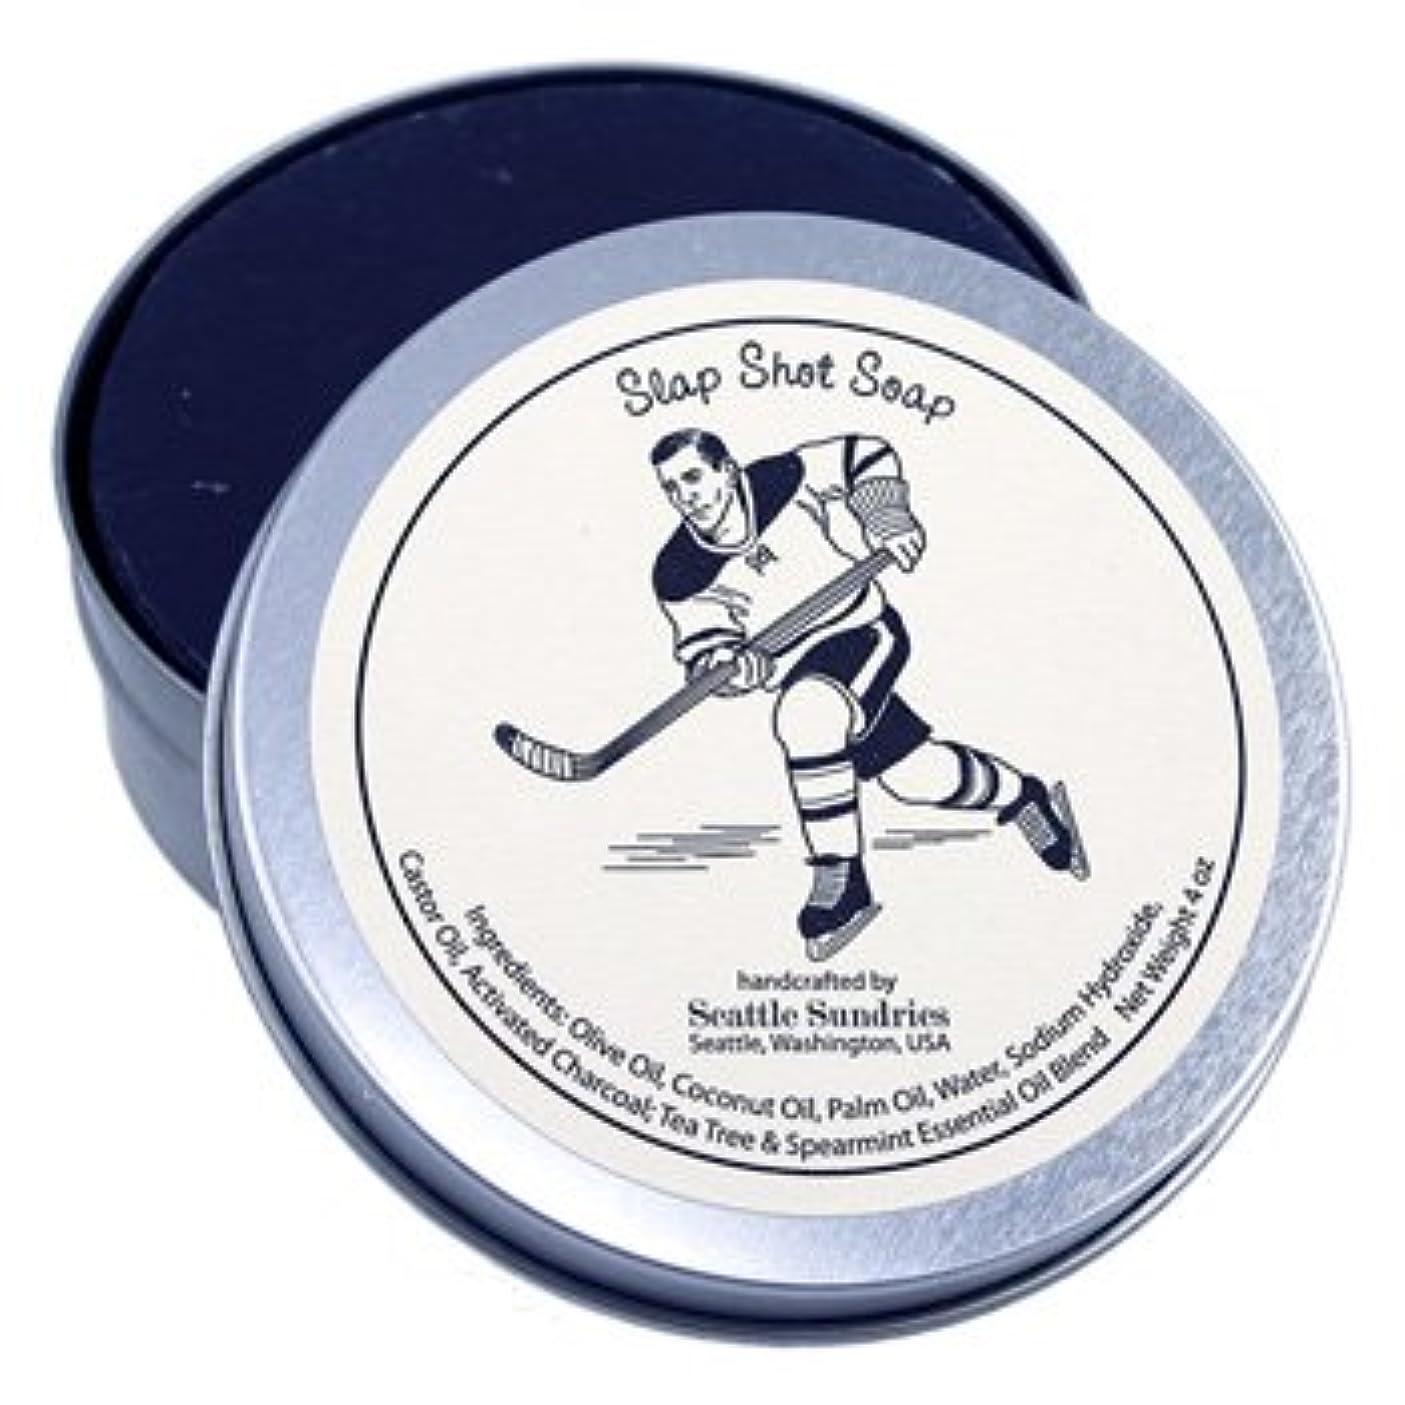 本質的ではないお茶窒素シアトル石鹸 Slap Shot / スラップショット Seattle Sundries社製